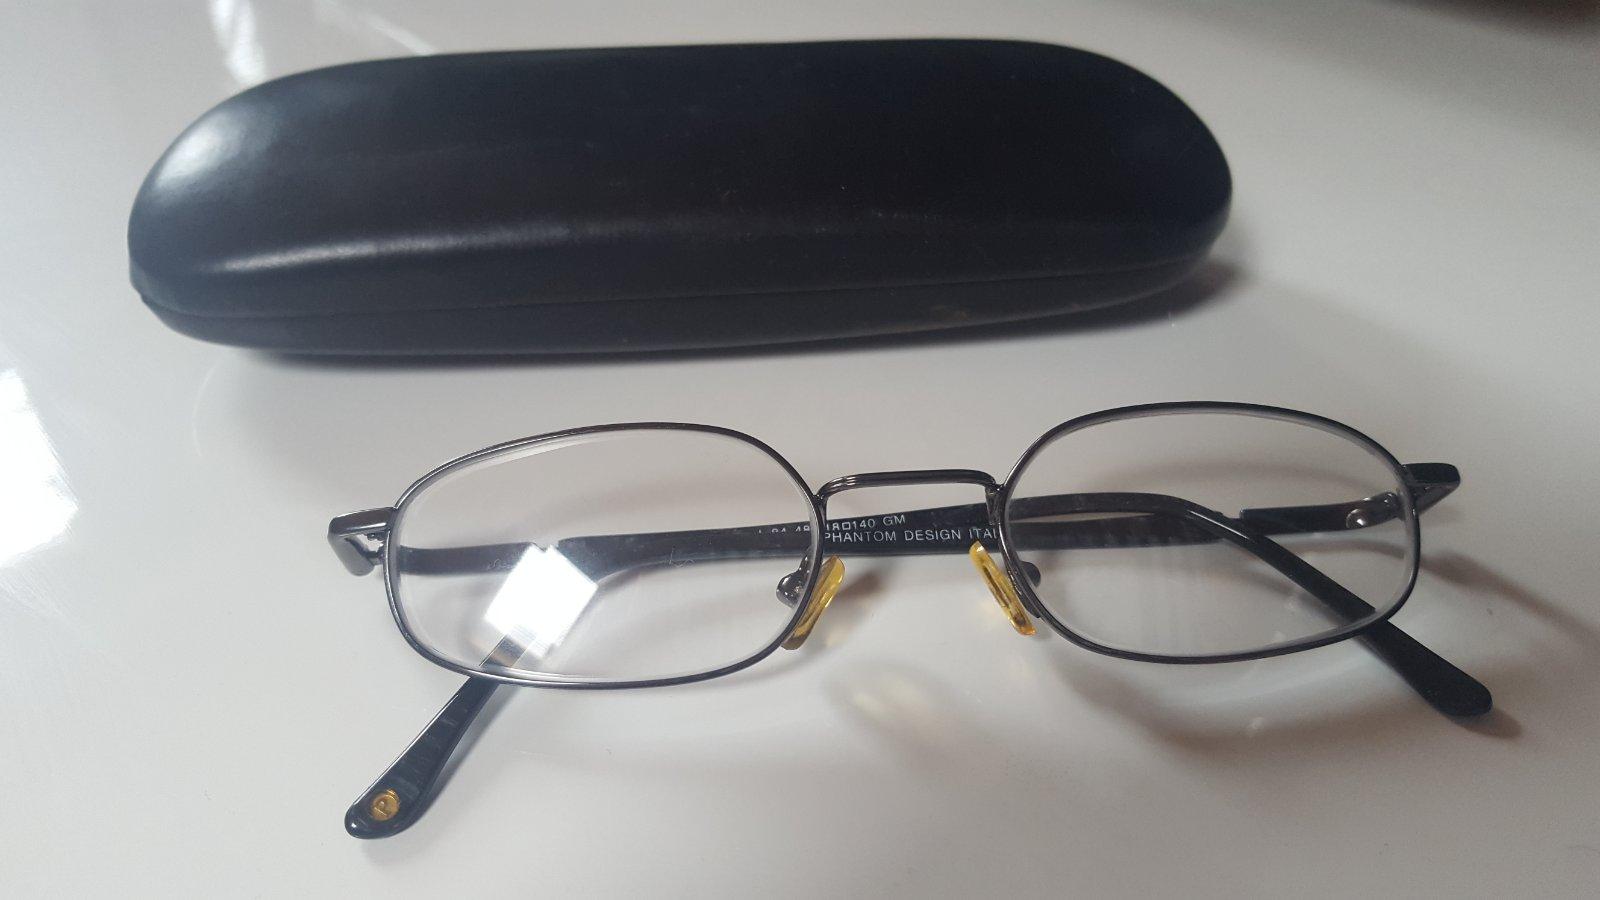 7290db2d3 Detský rám na dioptrické okuliare čierny, - 9 € od predávajúcej nianai   Detský  bazár   ModryKonik.sk